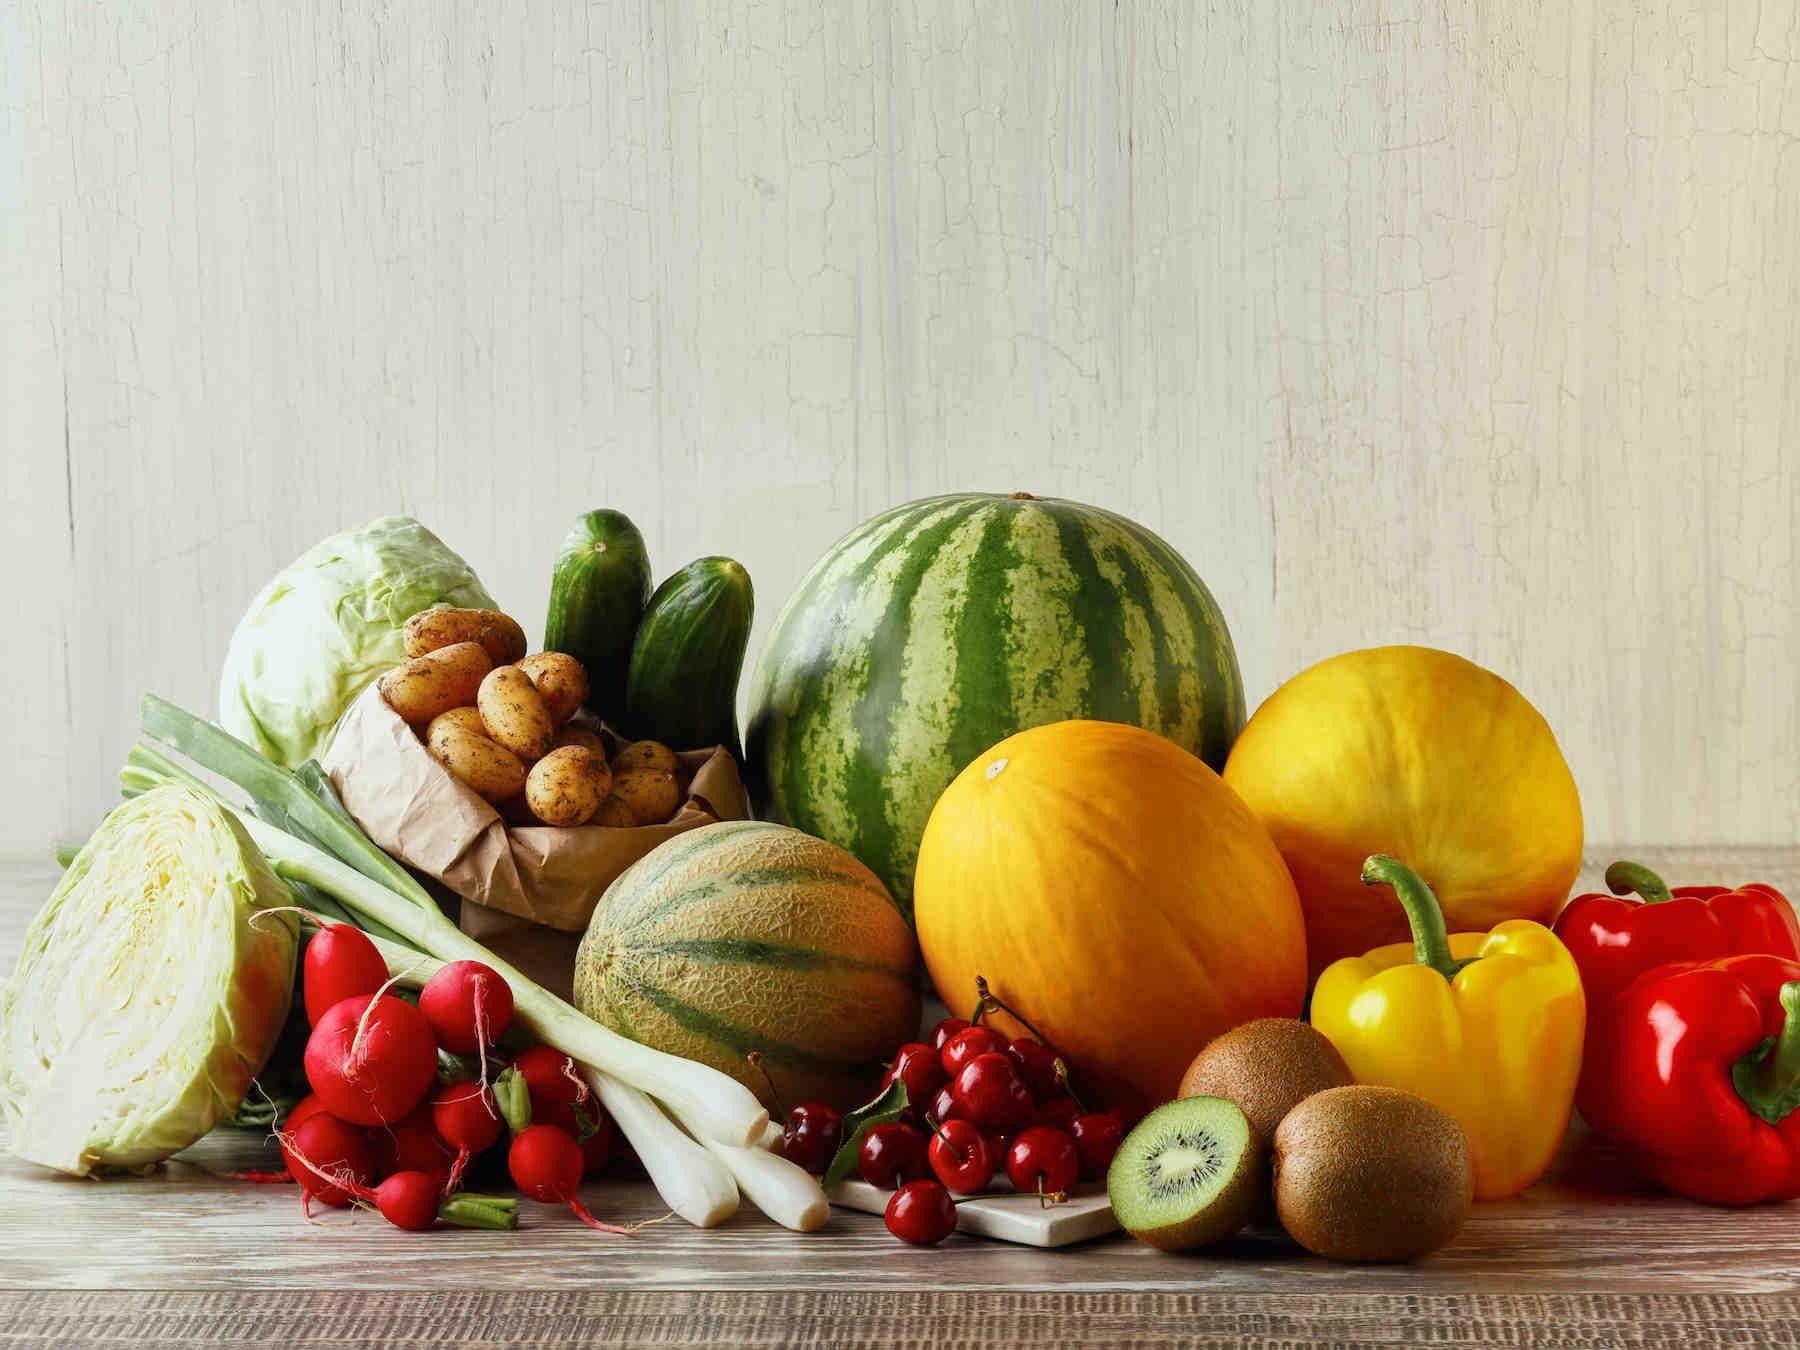 Kesäkuussa nautitaan varhaiskasviksista ja kauden hedelmistä sekä salaateissa…